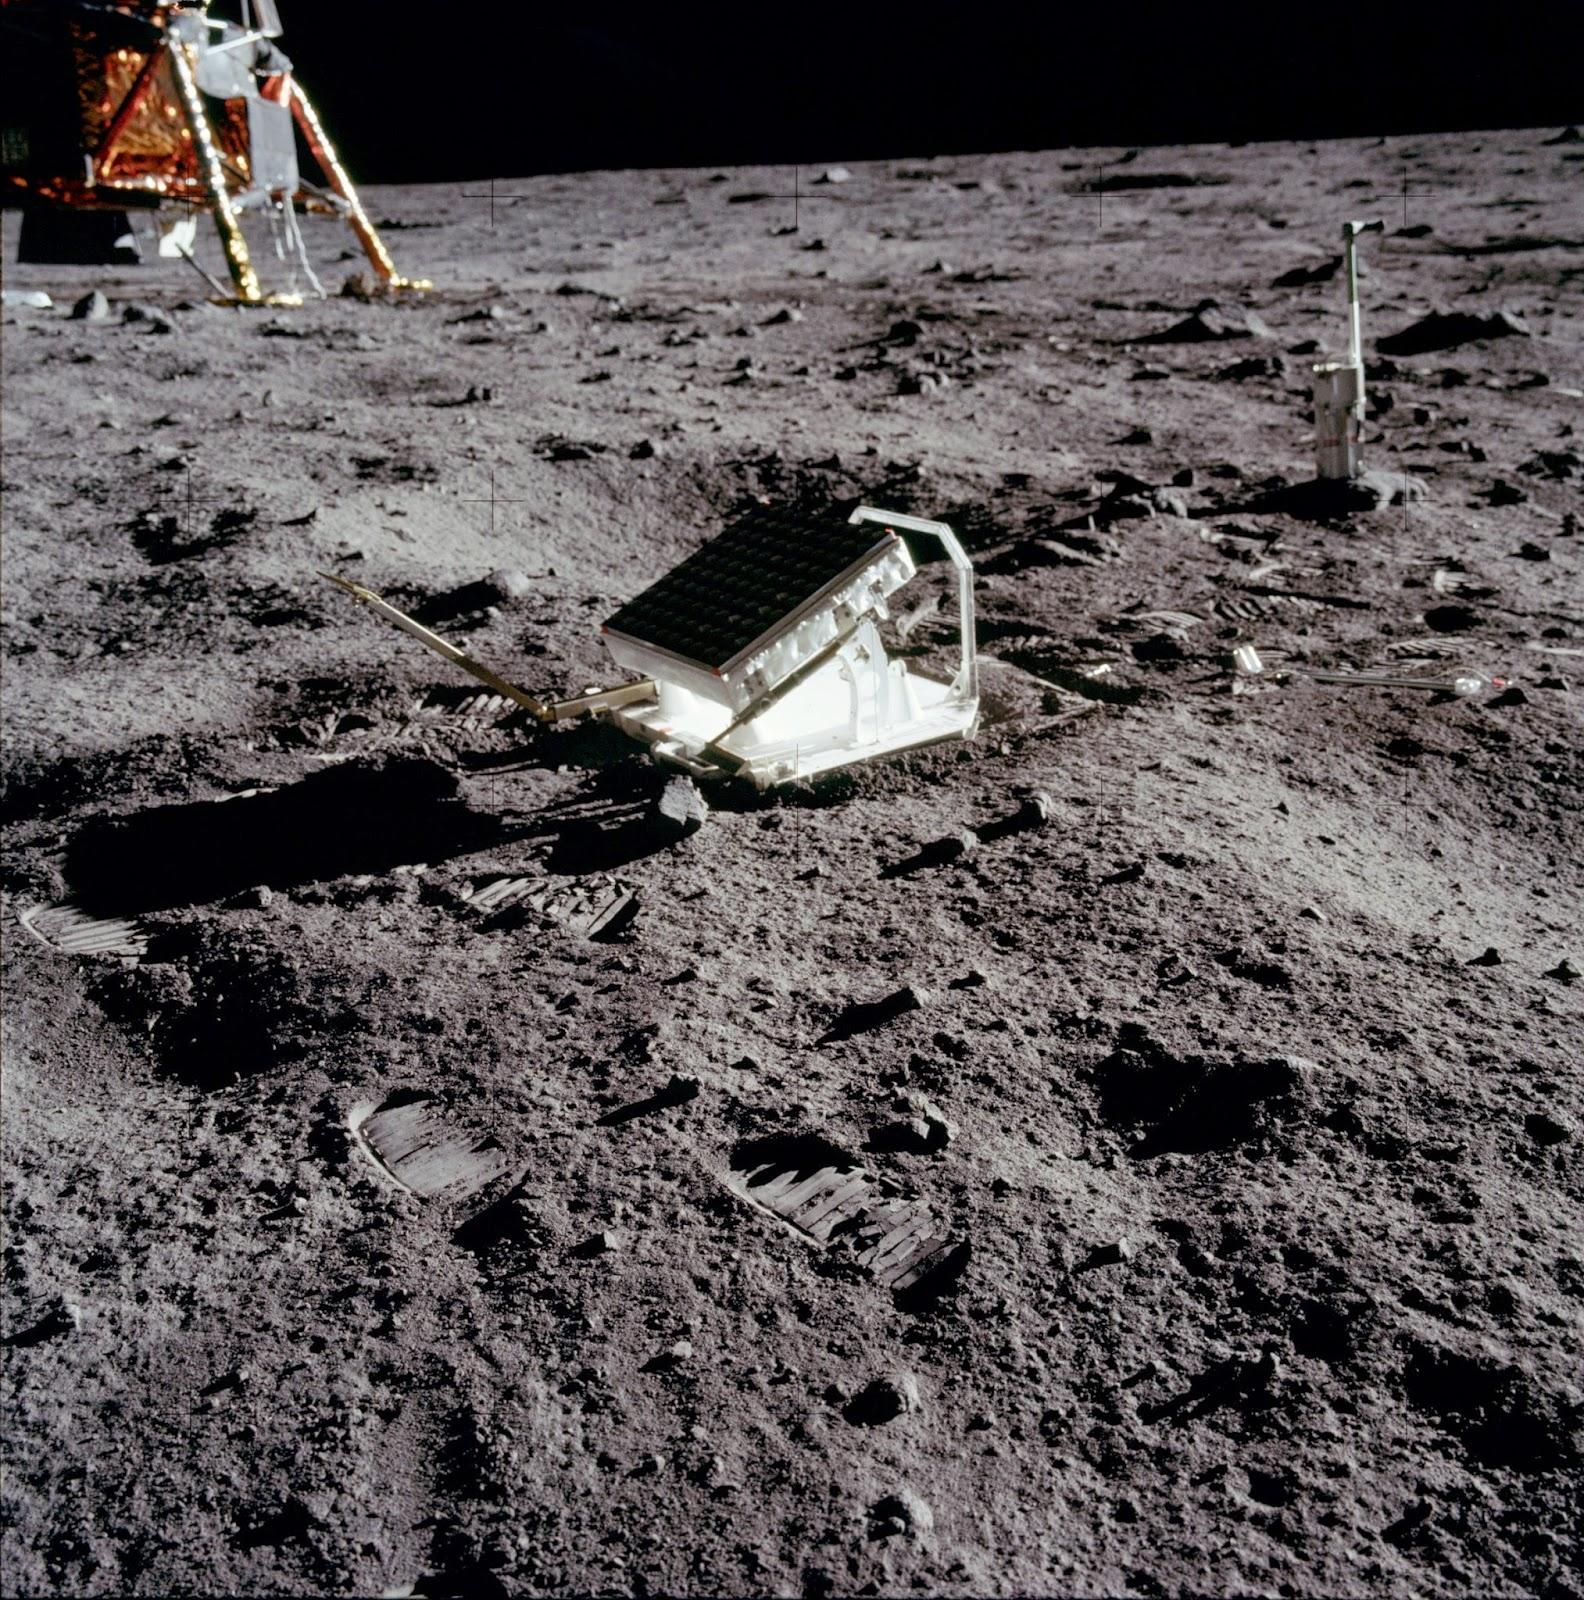 Retroreflector colocado por la misión Apolo 11.